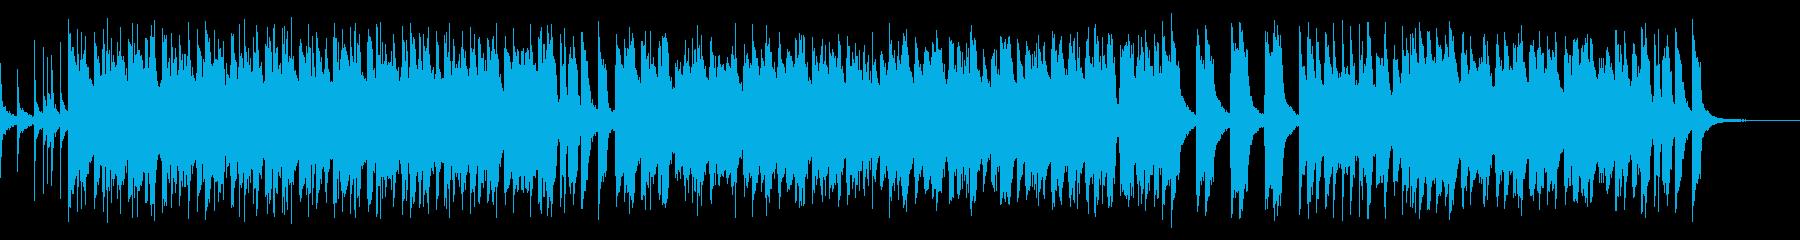 スティールドラムを使った定番の南国風の曲の再生済みの波形